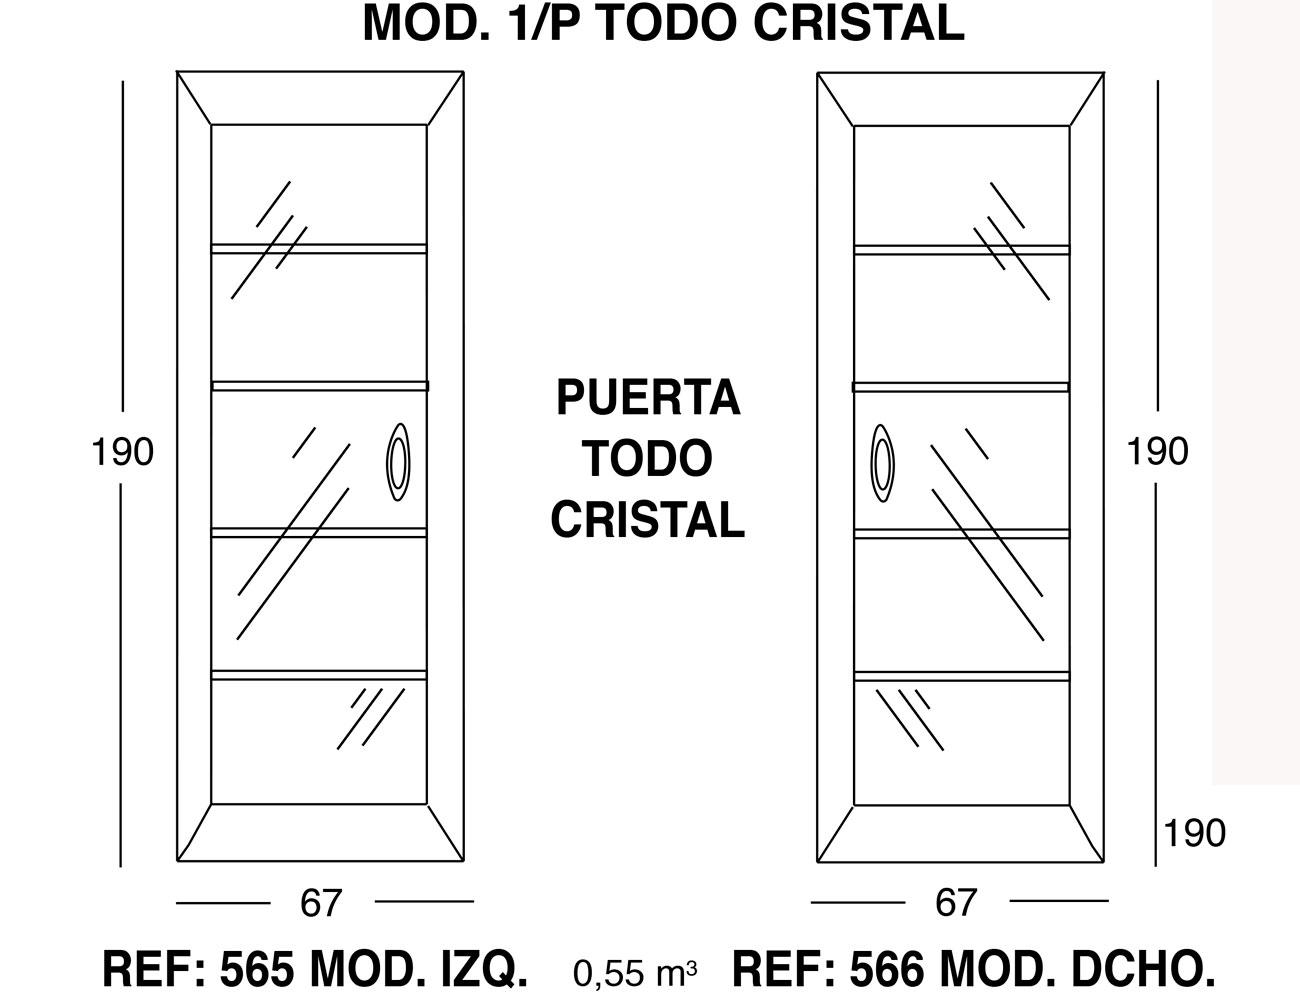 Modulo 1 puerta todo cristal 190 671